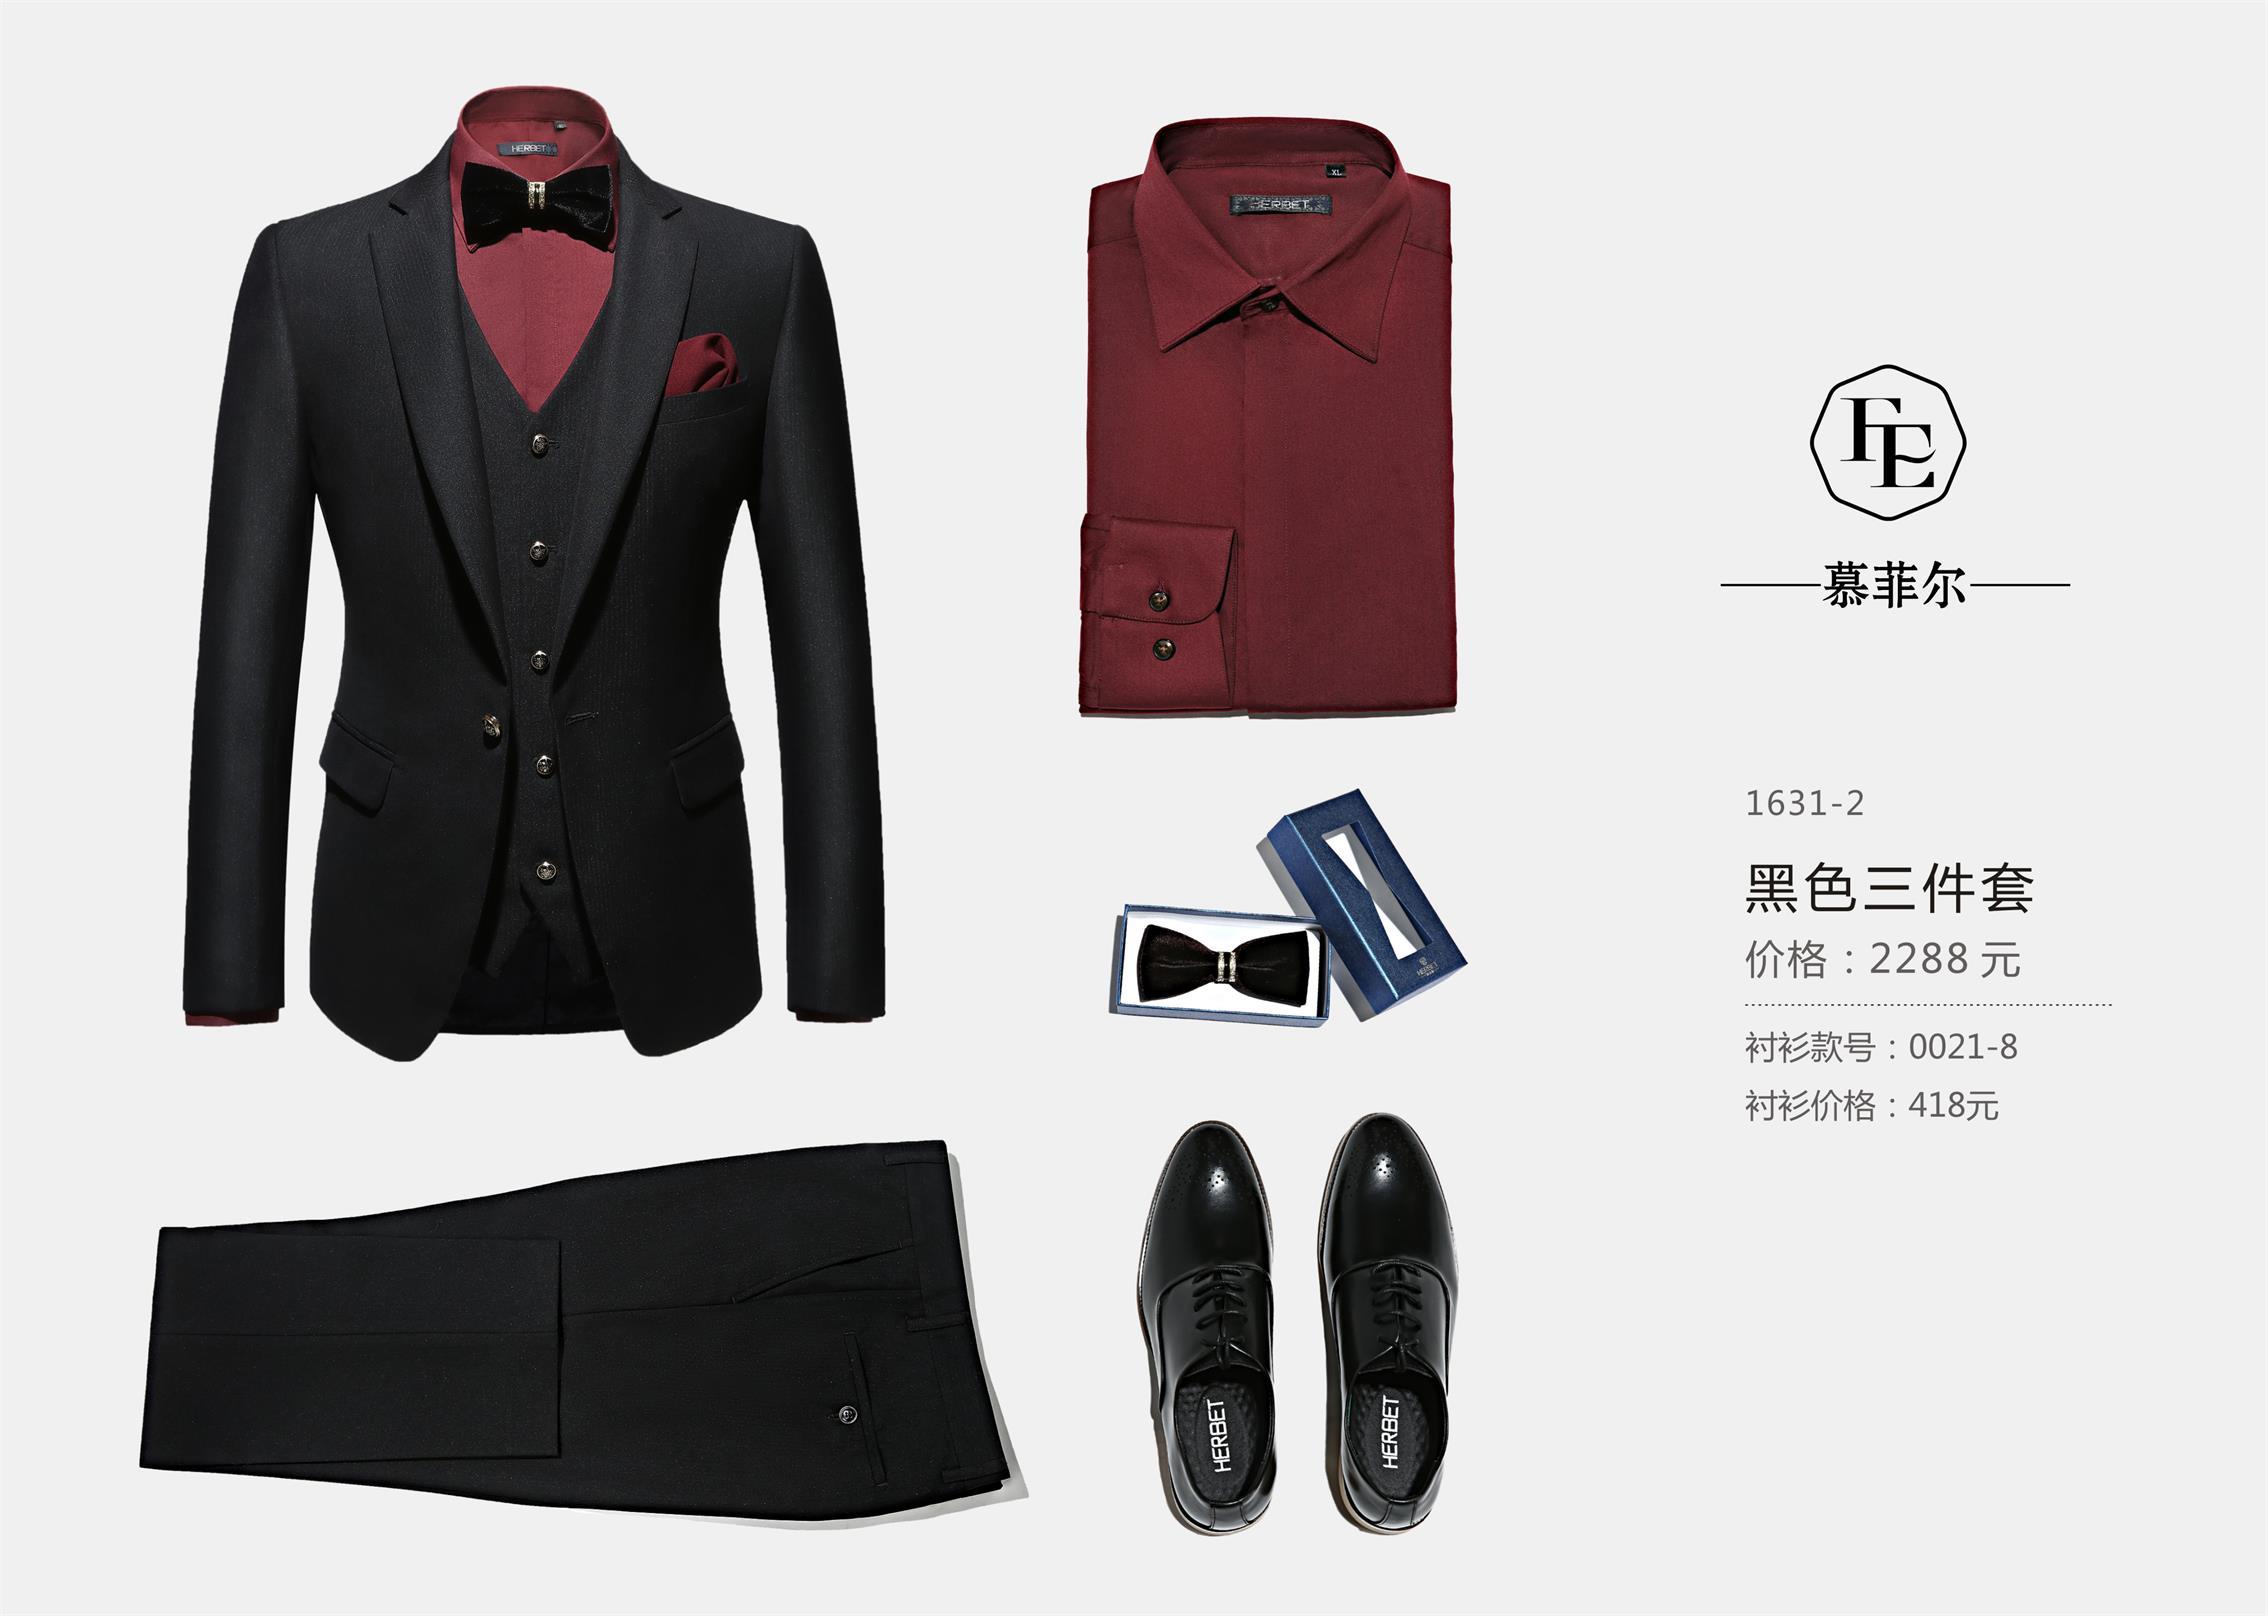 男士礼服定制价位_可信赖的福建男士礼服定制公司